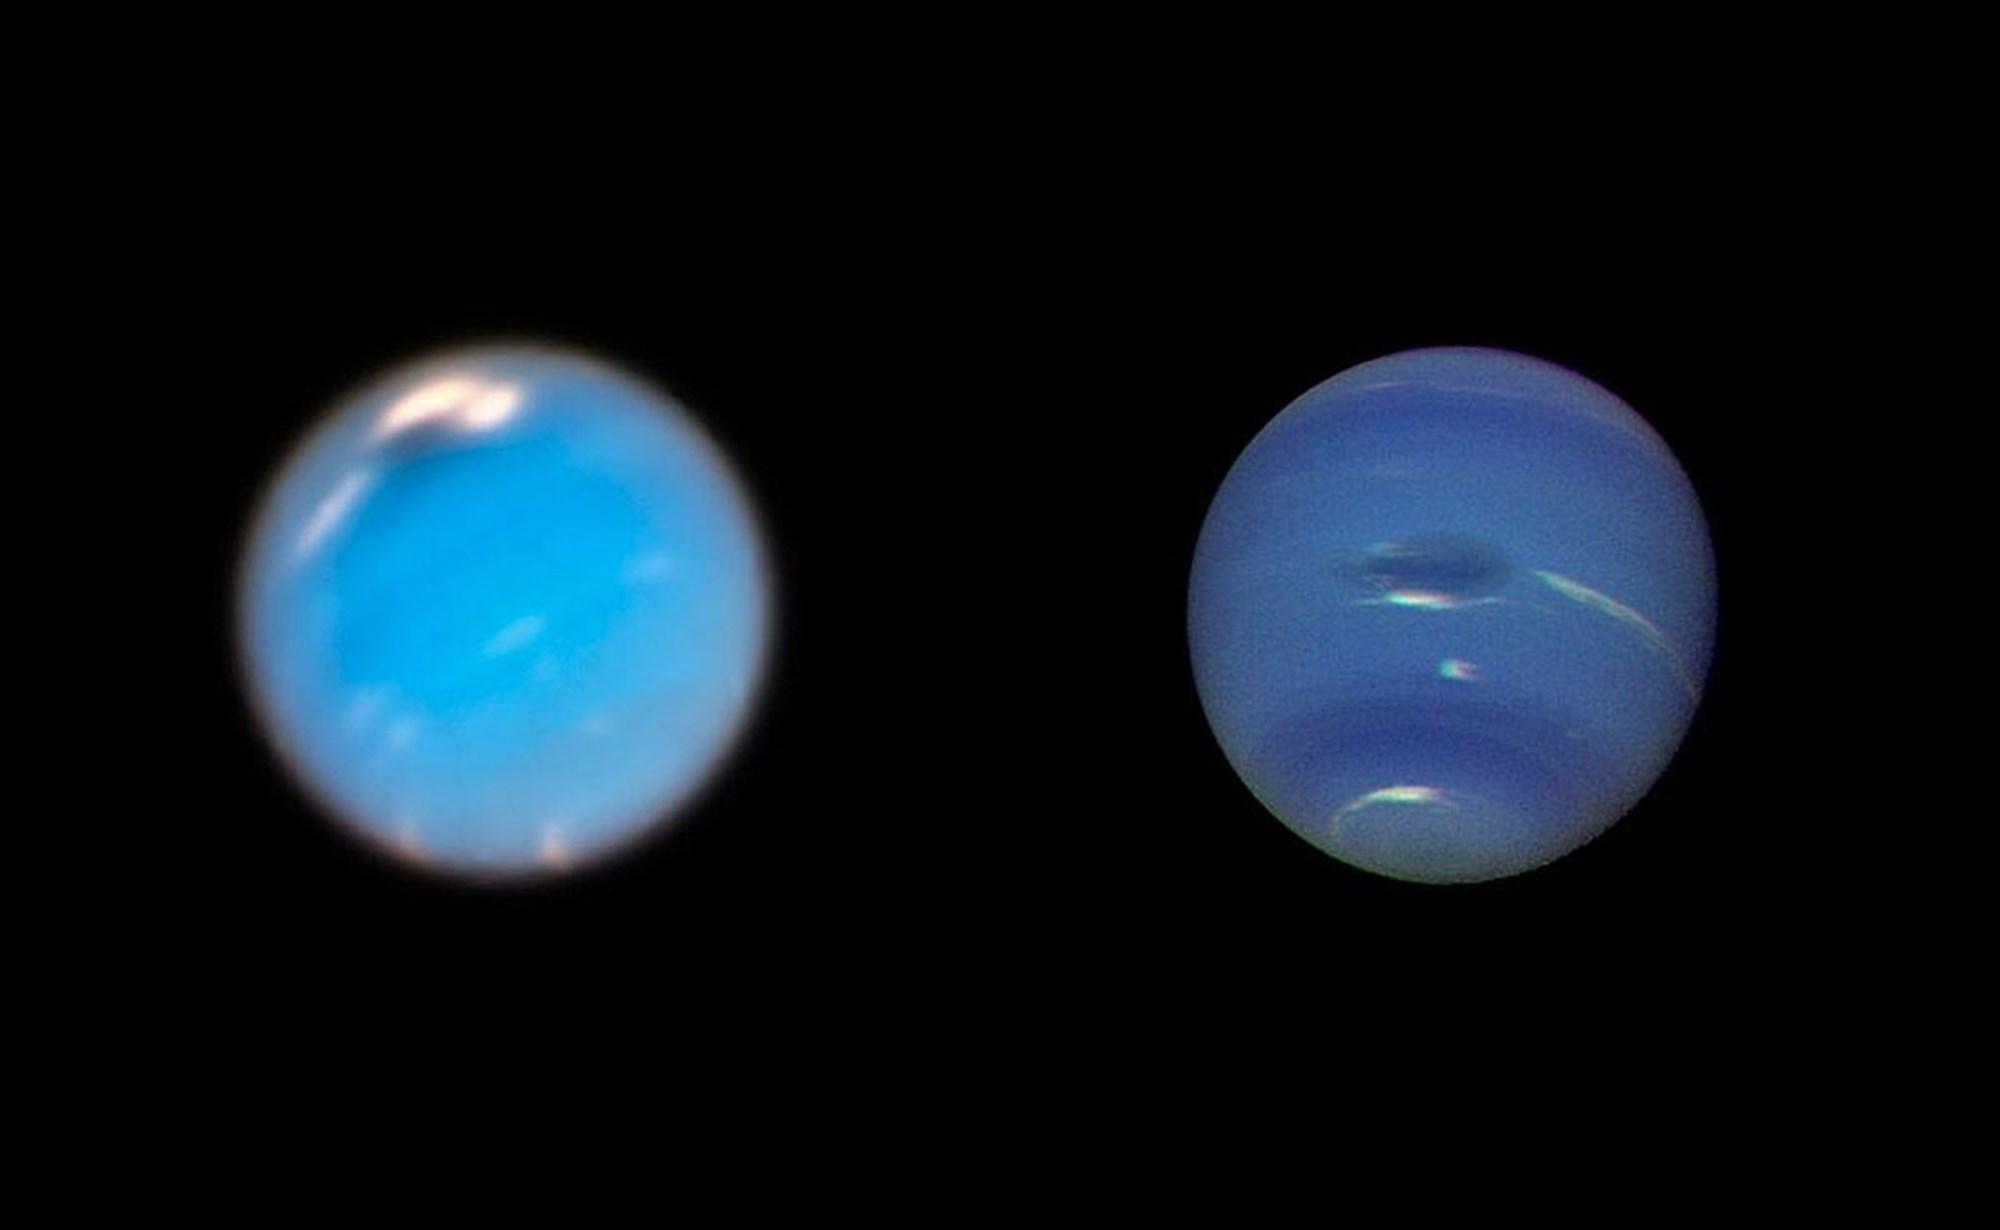 Hubble fängt Geburt eines gewaltigen Sturms auf dem Neptun ein – derStandard.at